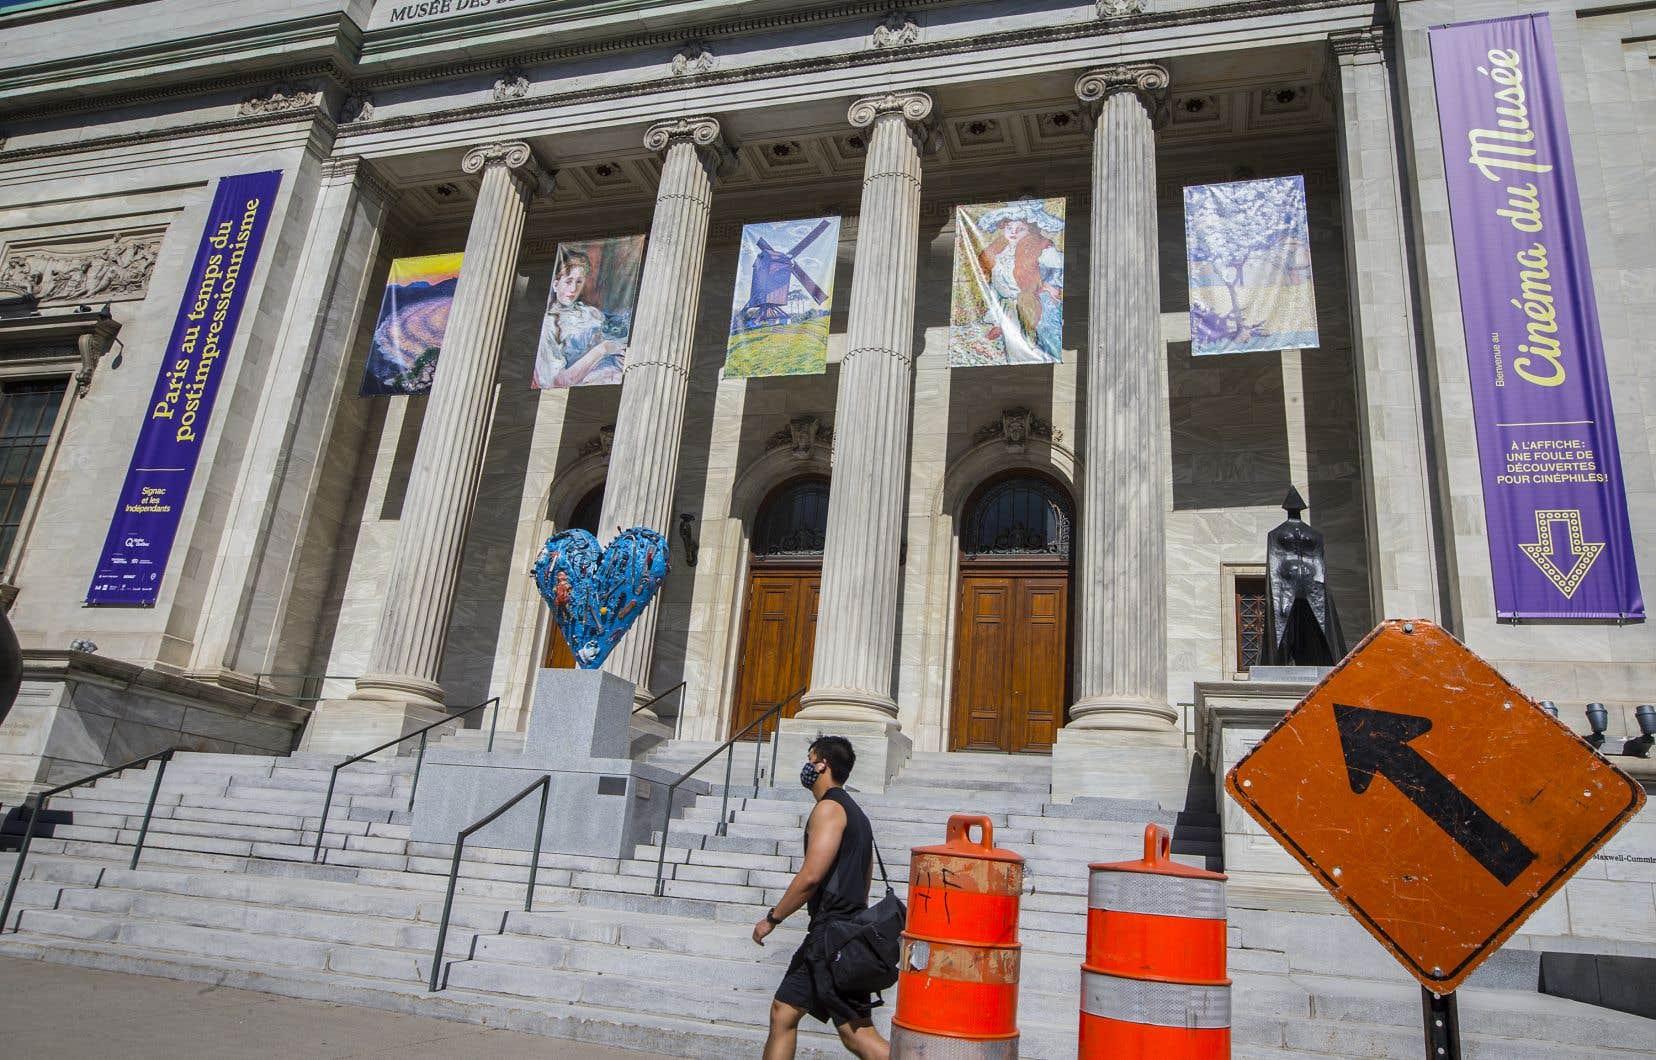 «Harcèlement et intimidation récurrents devant témoins ont ponctué les journées de plusieurs d'entre nous, notamment lors des montages d'expositions», témoignent les signataires.